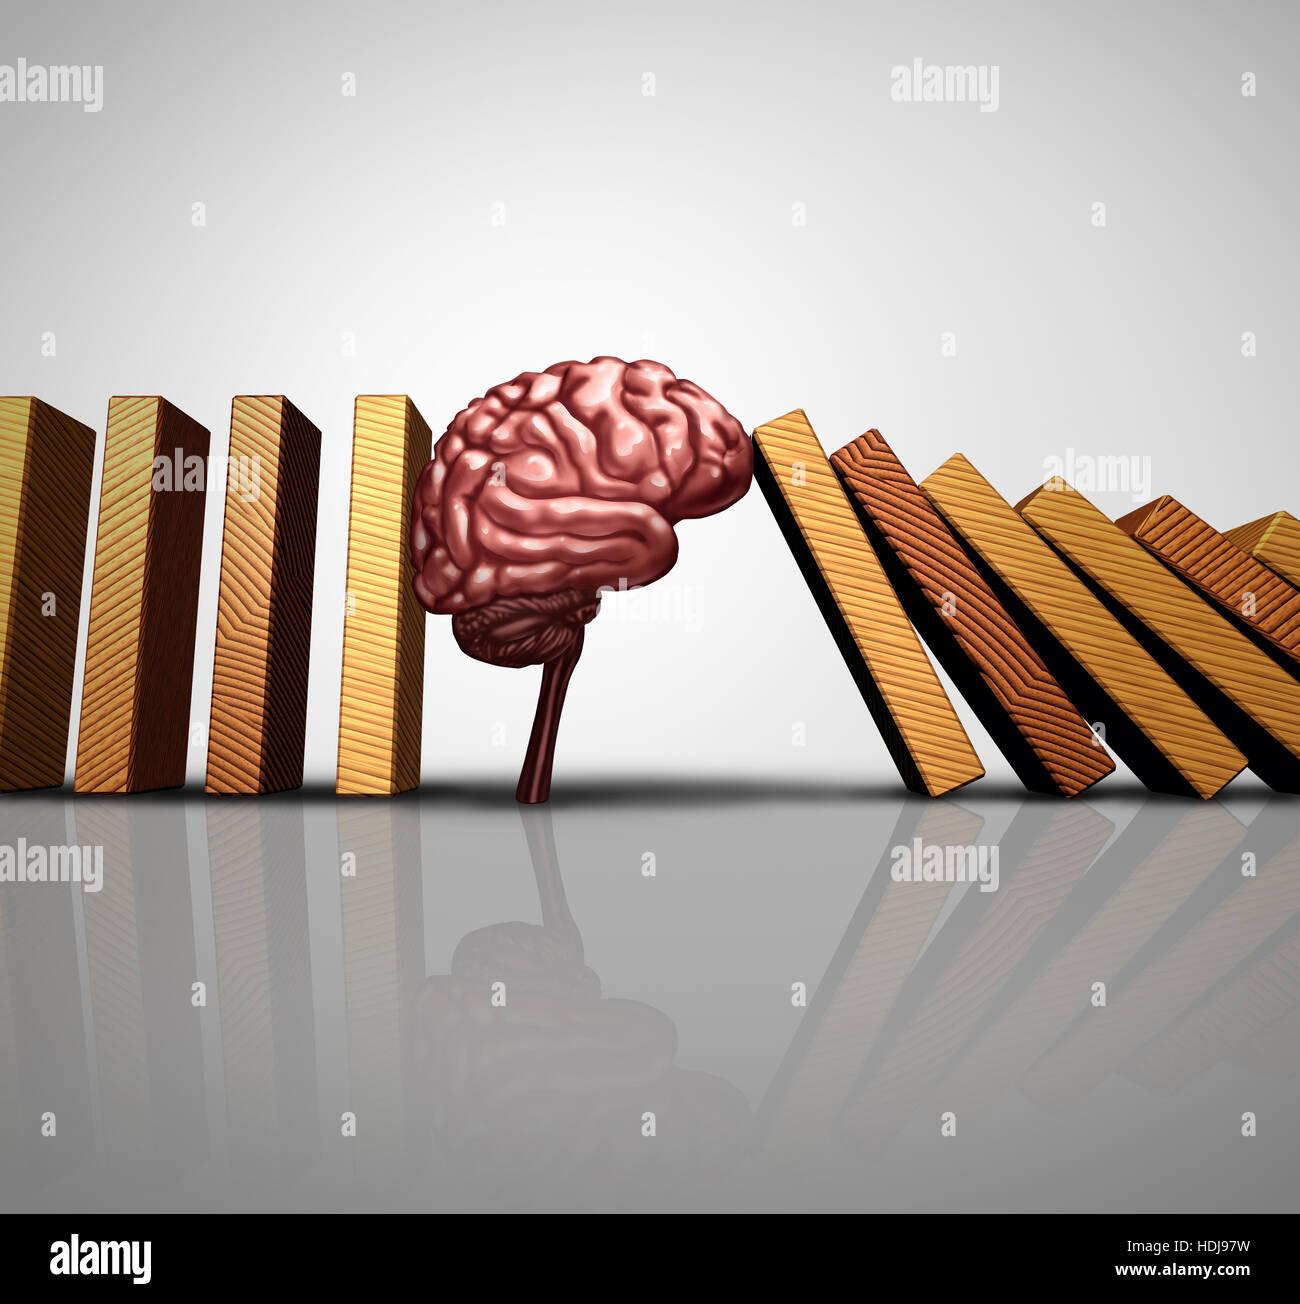 Pensar el concepto de la solución e innovación creativa idea como un cerebro humano deteniendo la caída Imagen De Stock